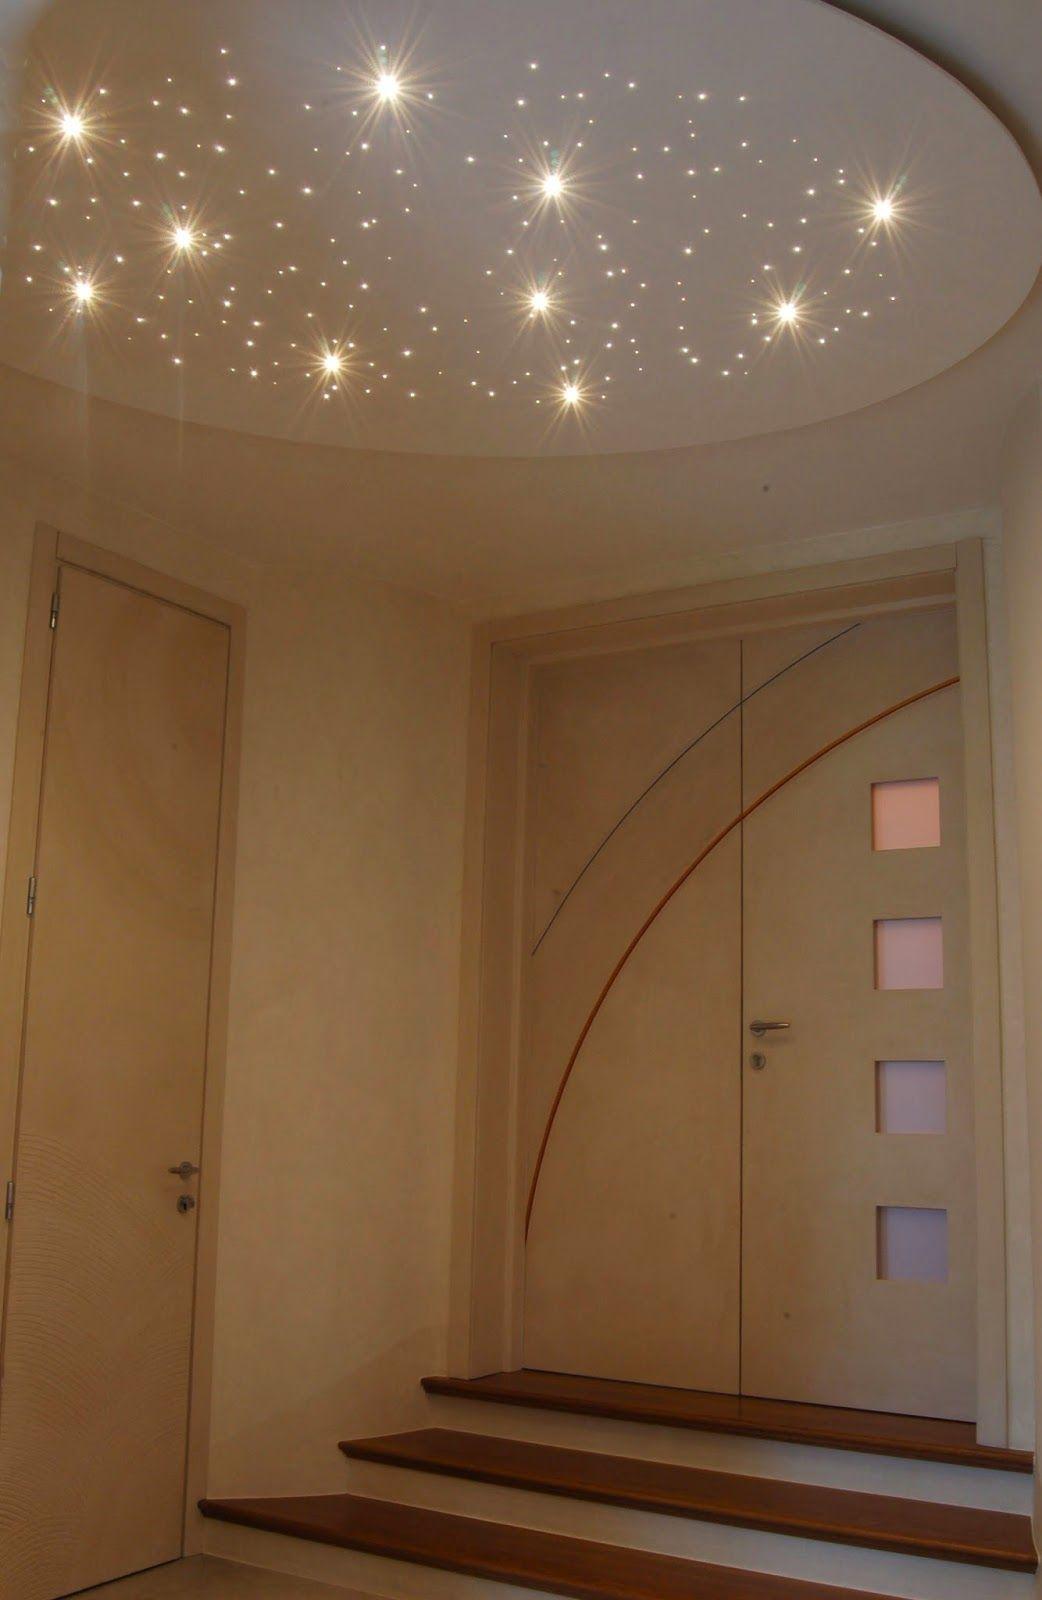 {title} (con immagini) Illuminazione led casa